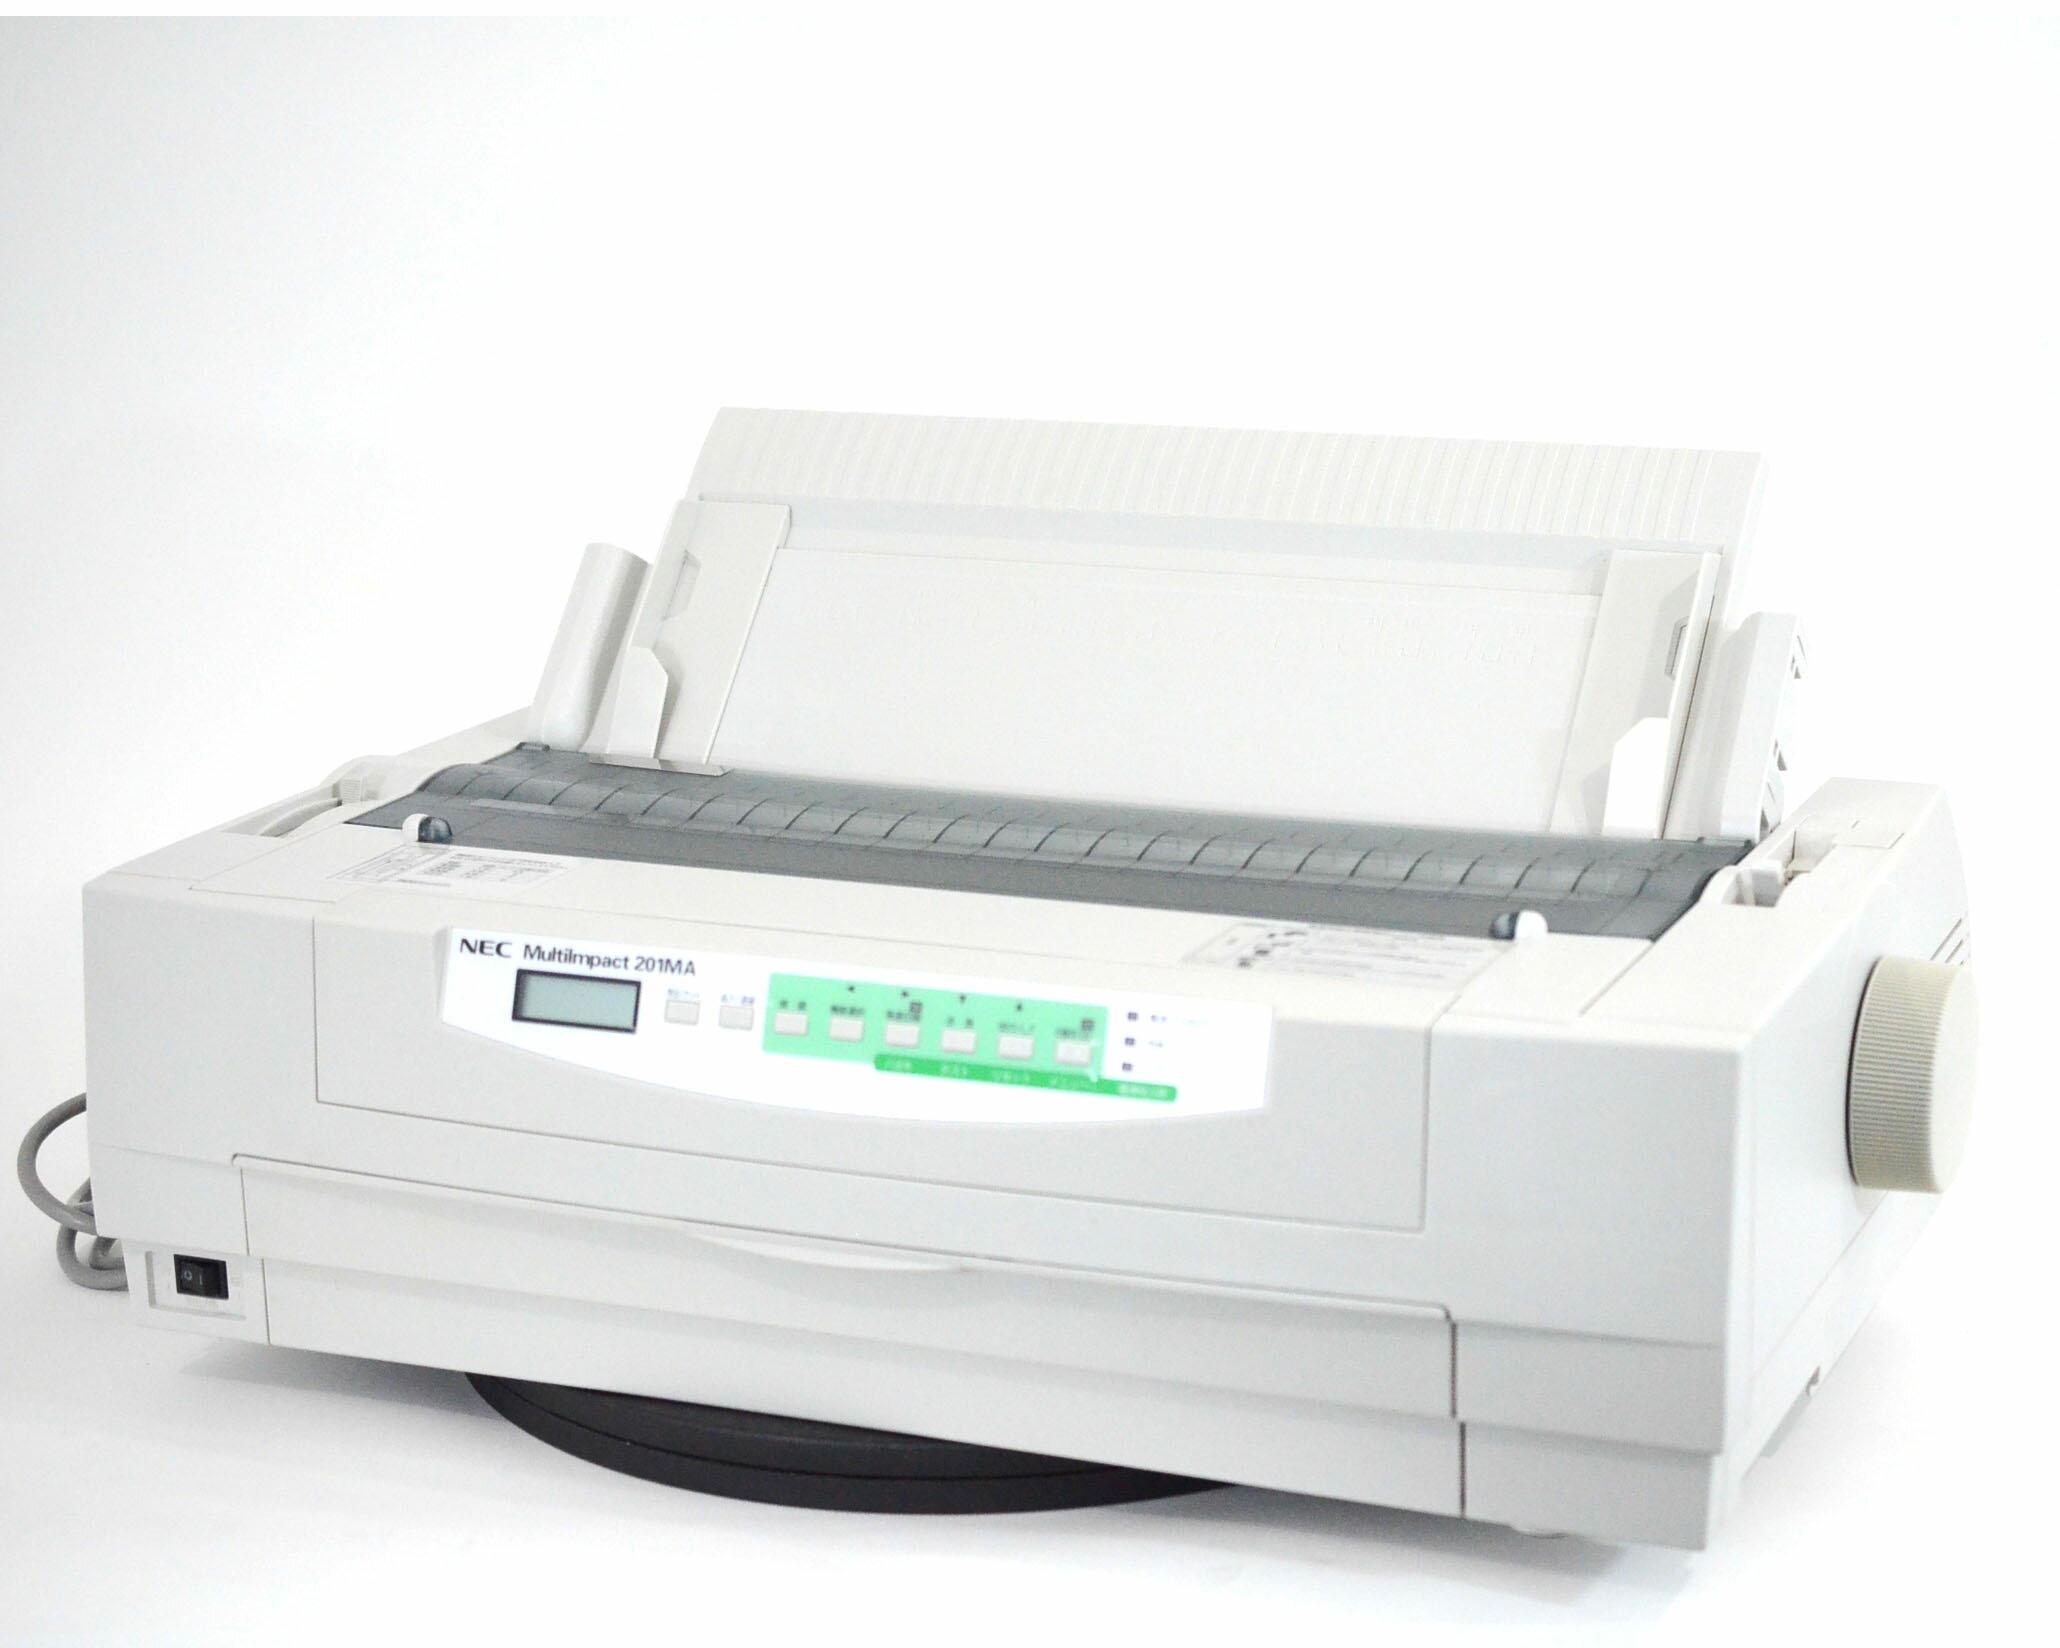 【中古】NEC ドットプリンター MMultiImpact201MA 伝票 複写 ラウンド型